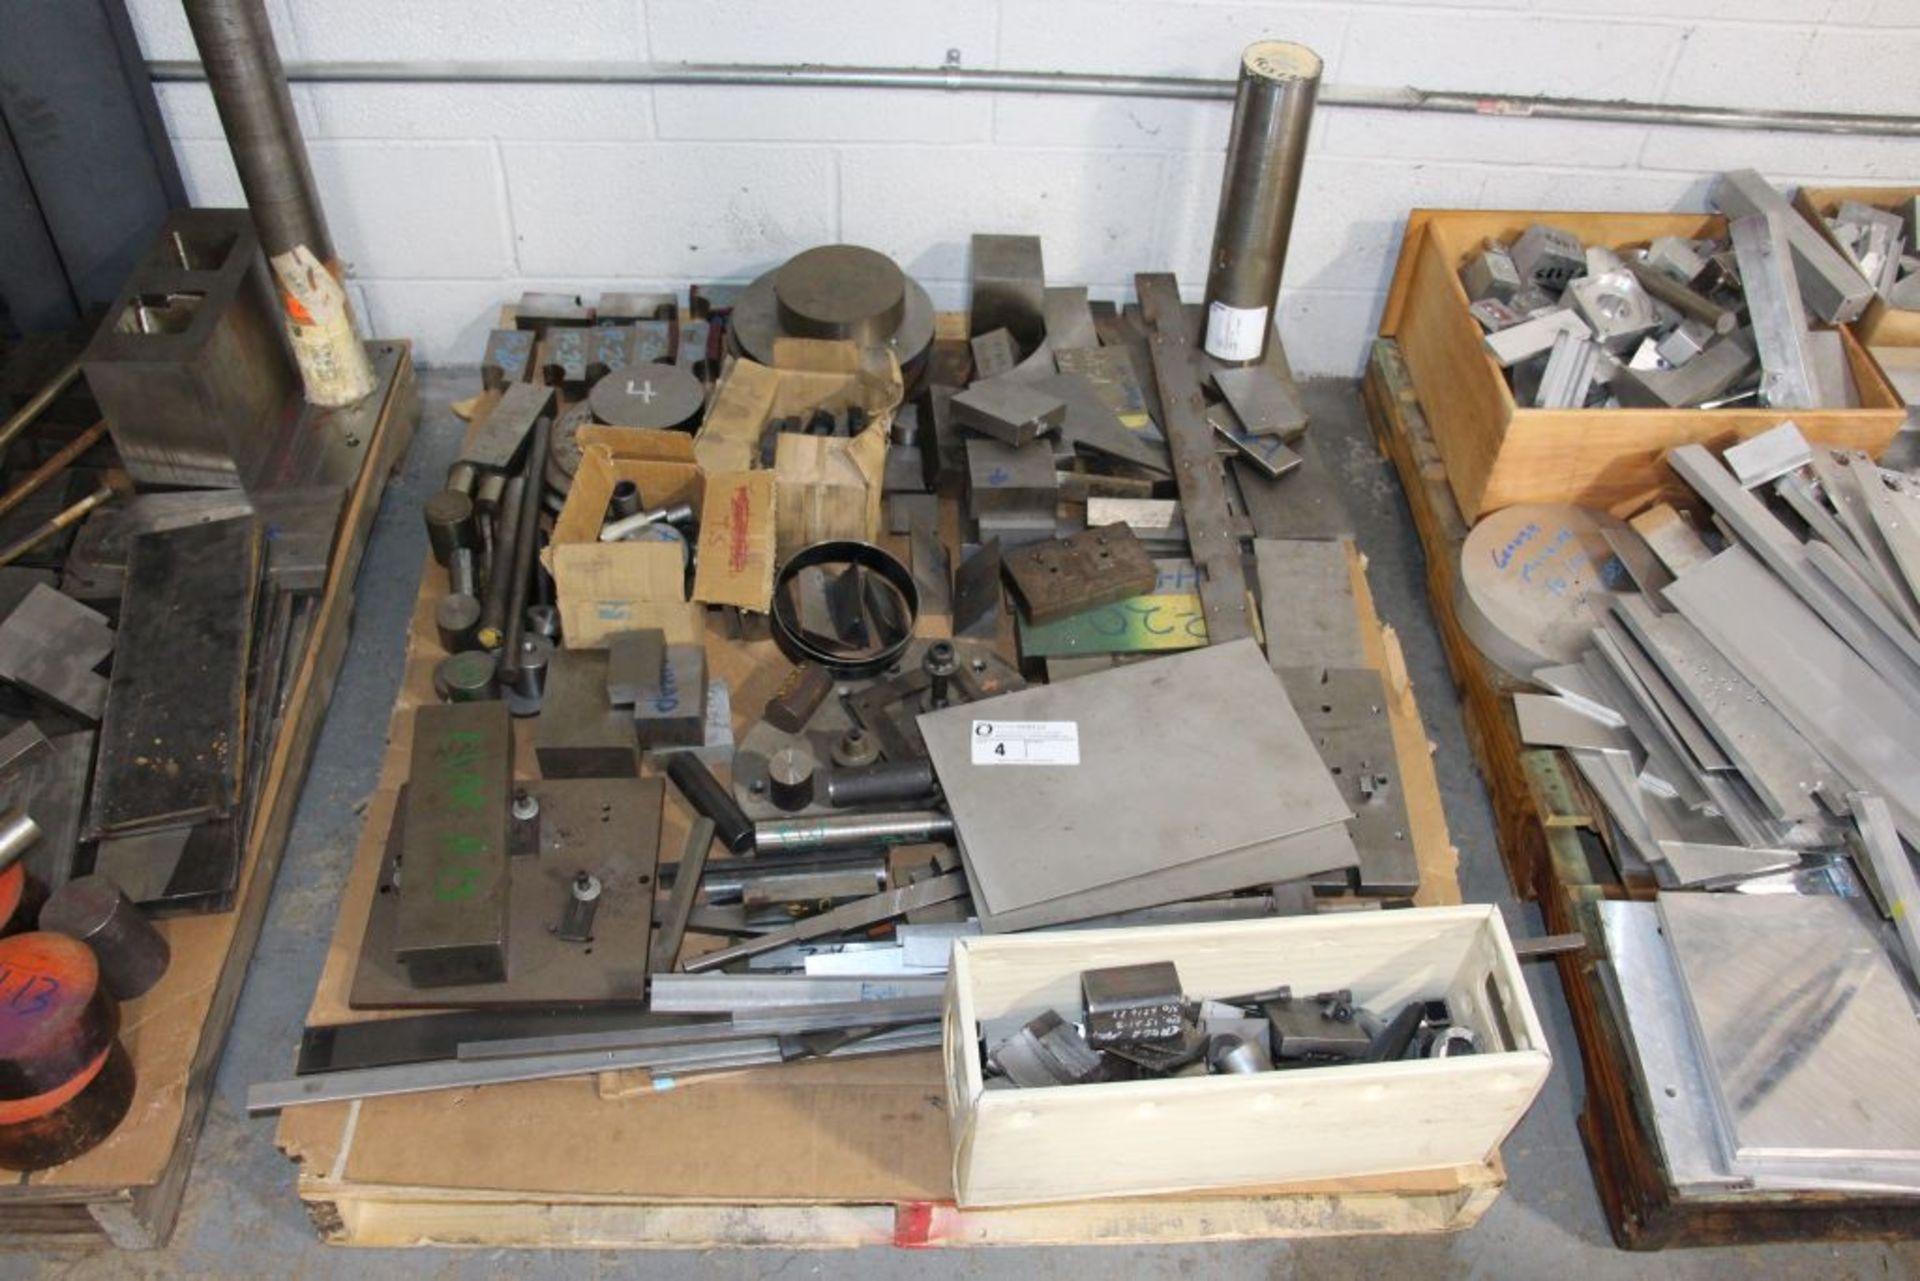 Lot 4 - assortment of scrap metal